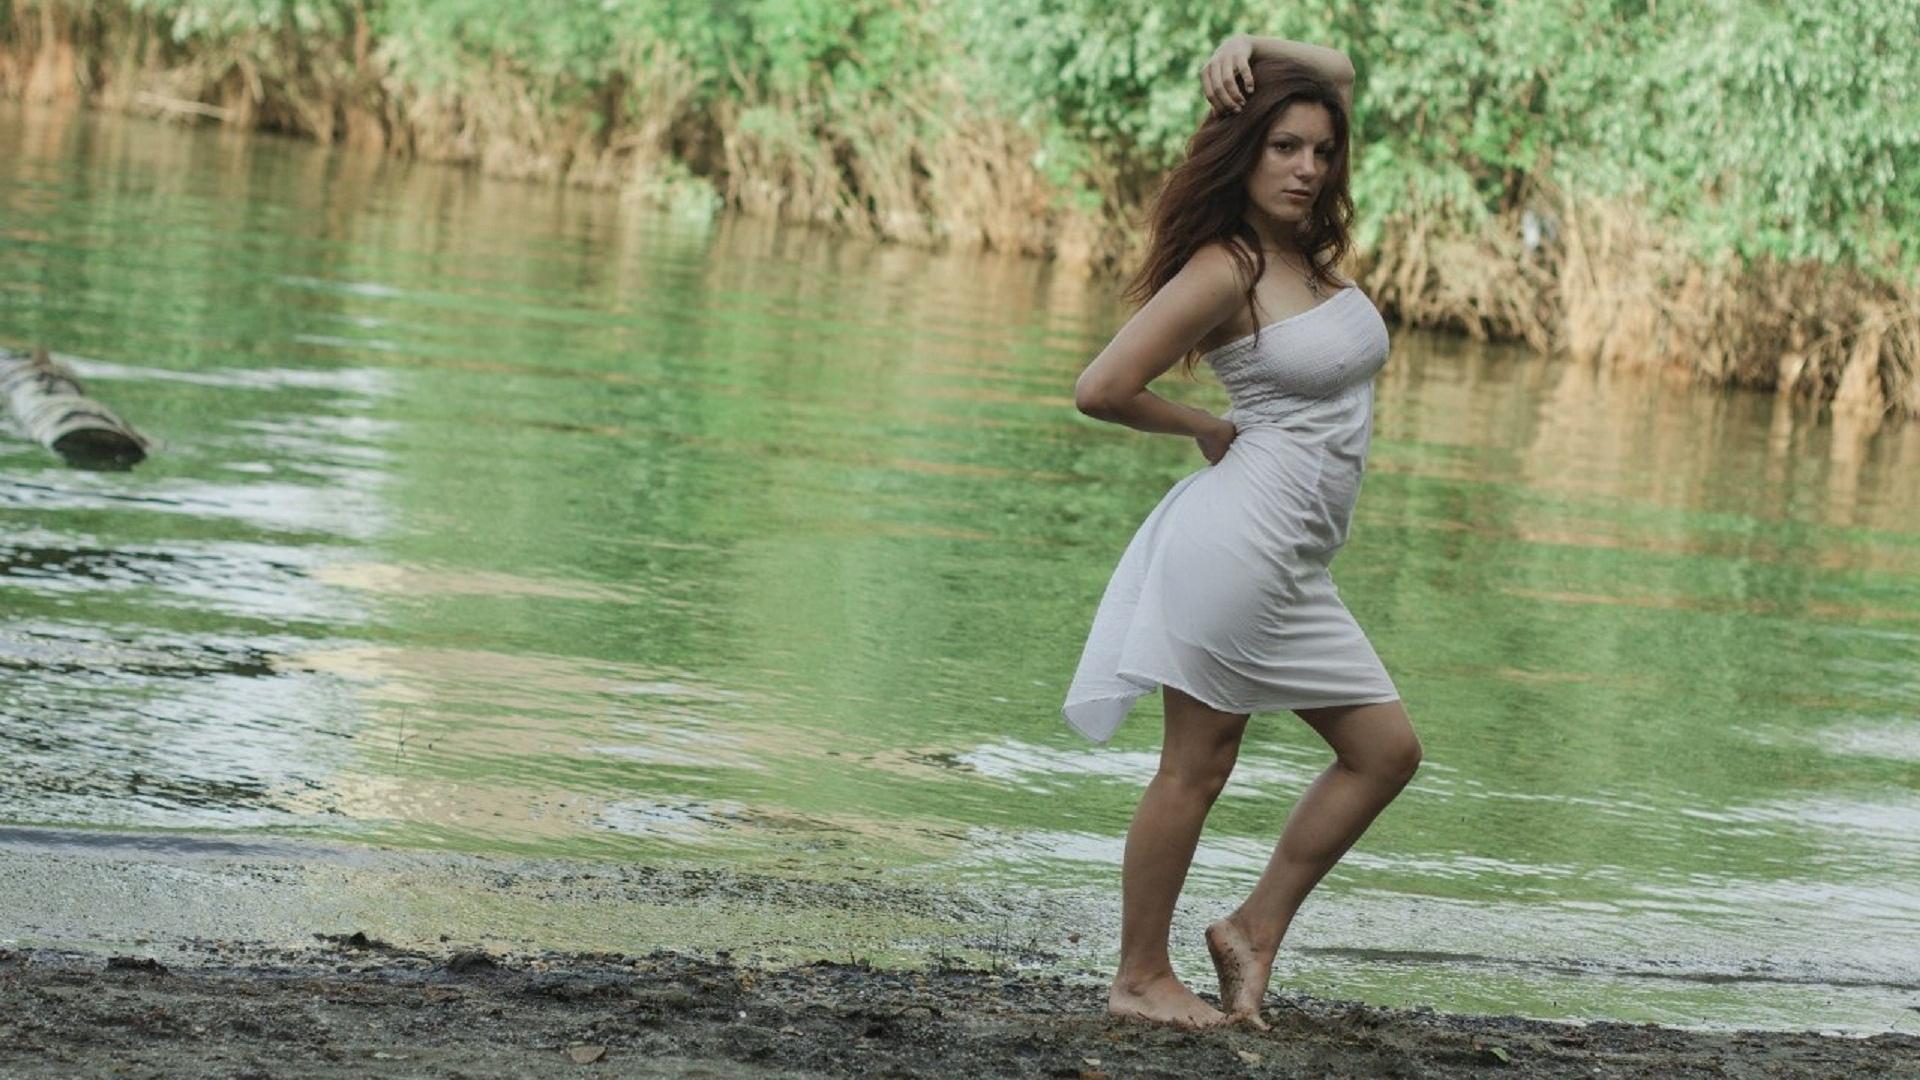 красавица, прелесть, бикини, ножки, попа, модель, природа, грудь, киця